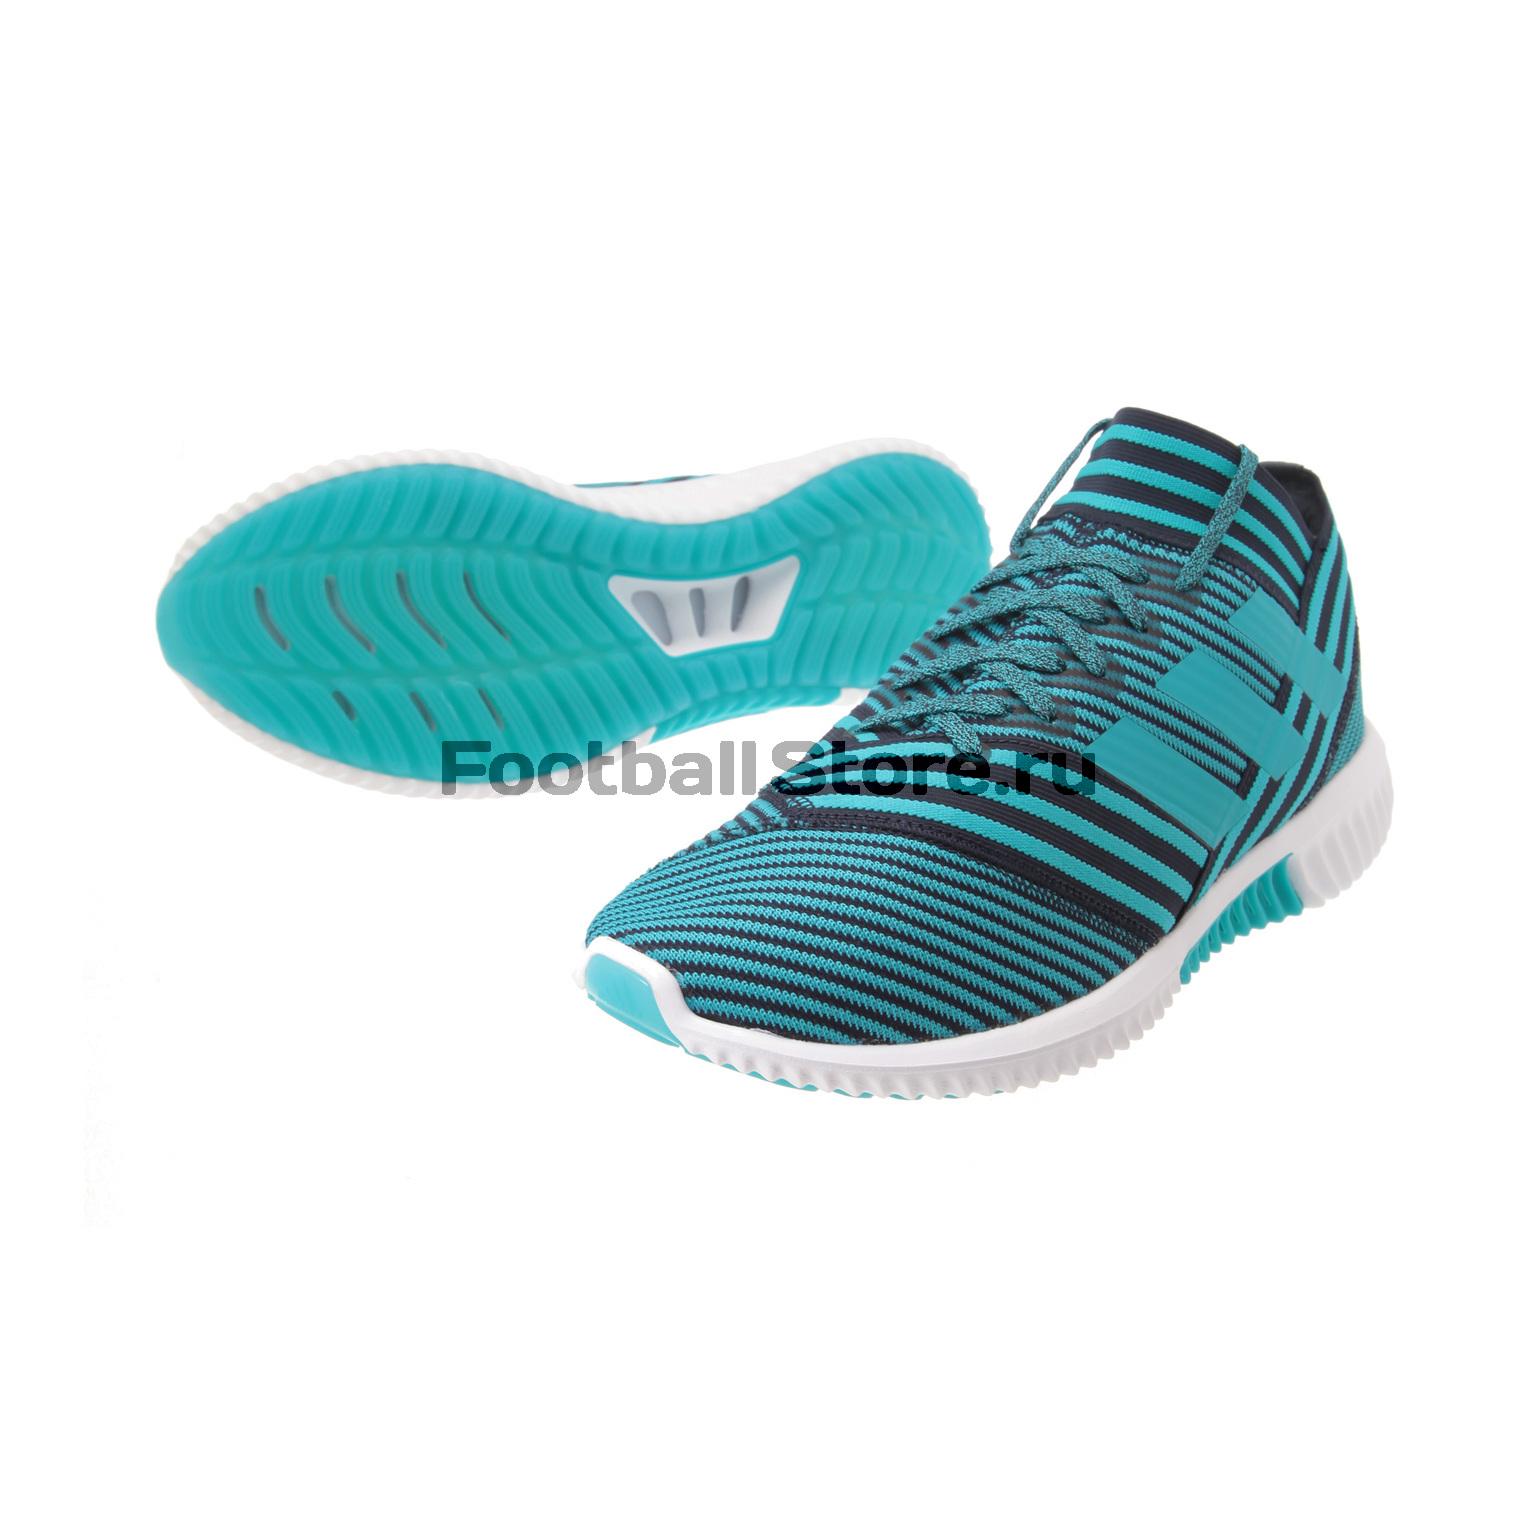 Обувь для зала Adidas Футбольная обувь Adidas Nemeziz Tango 17.1 TR BY2306